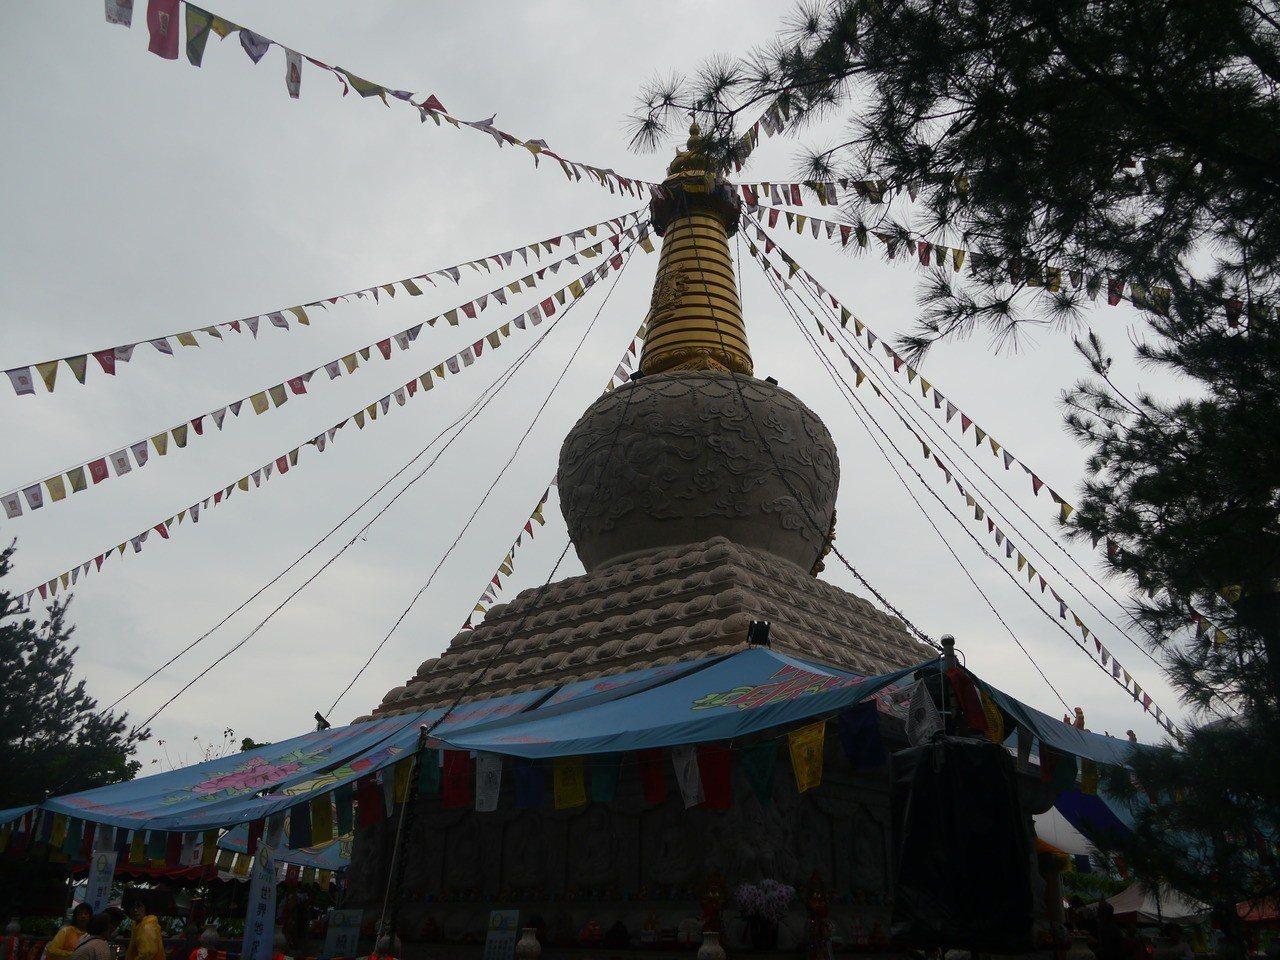 六龜妙崇寺舍利塔莊嚴矗立。記者徐白櫻/攝影